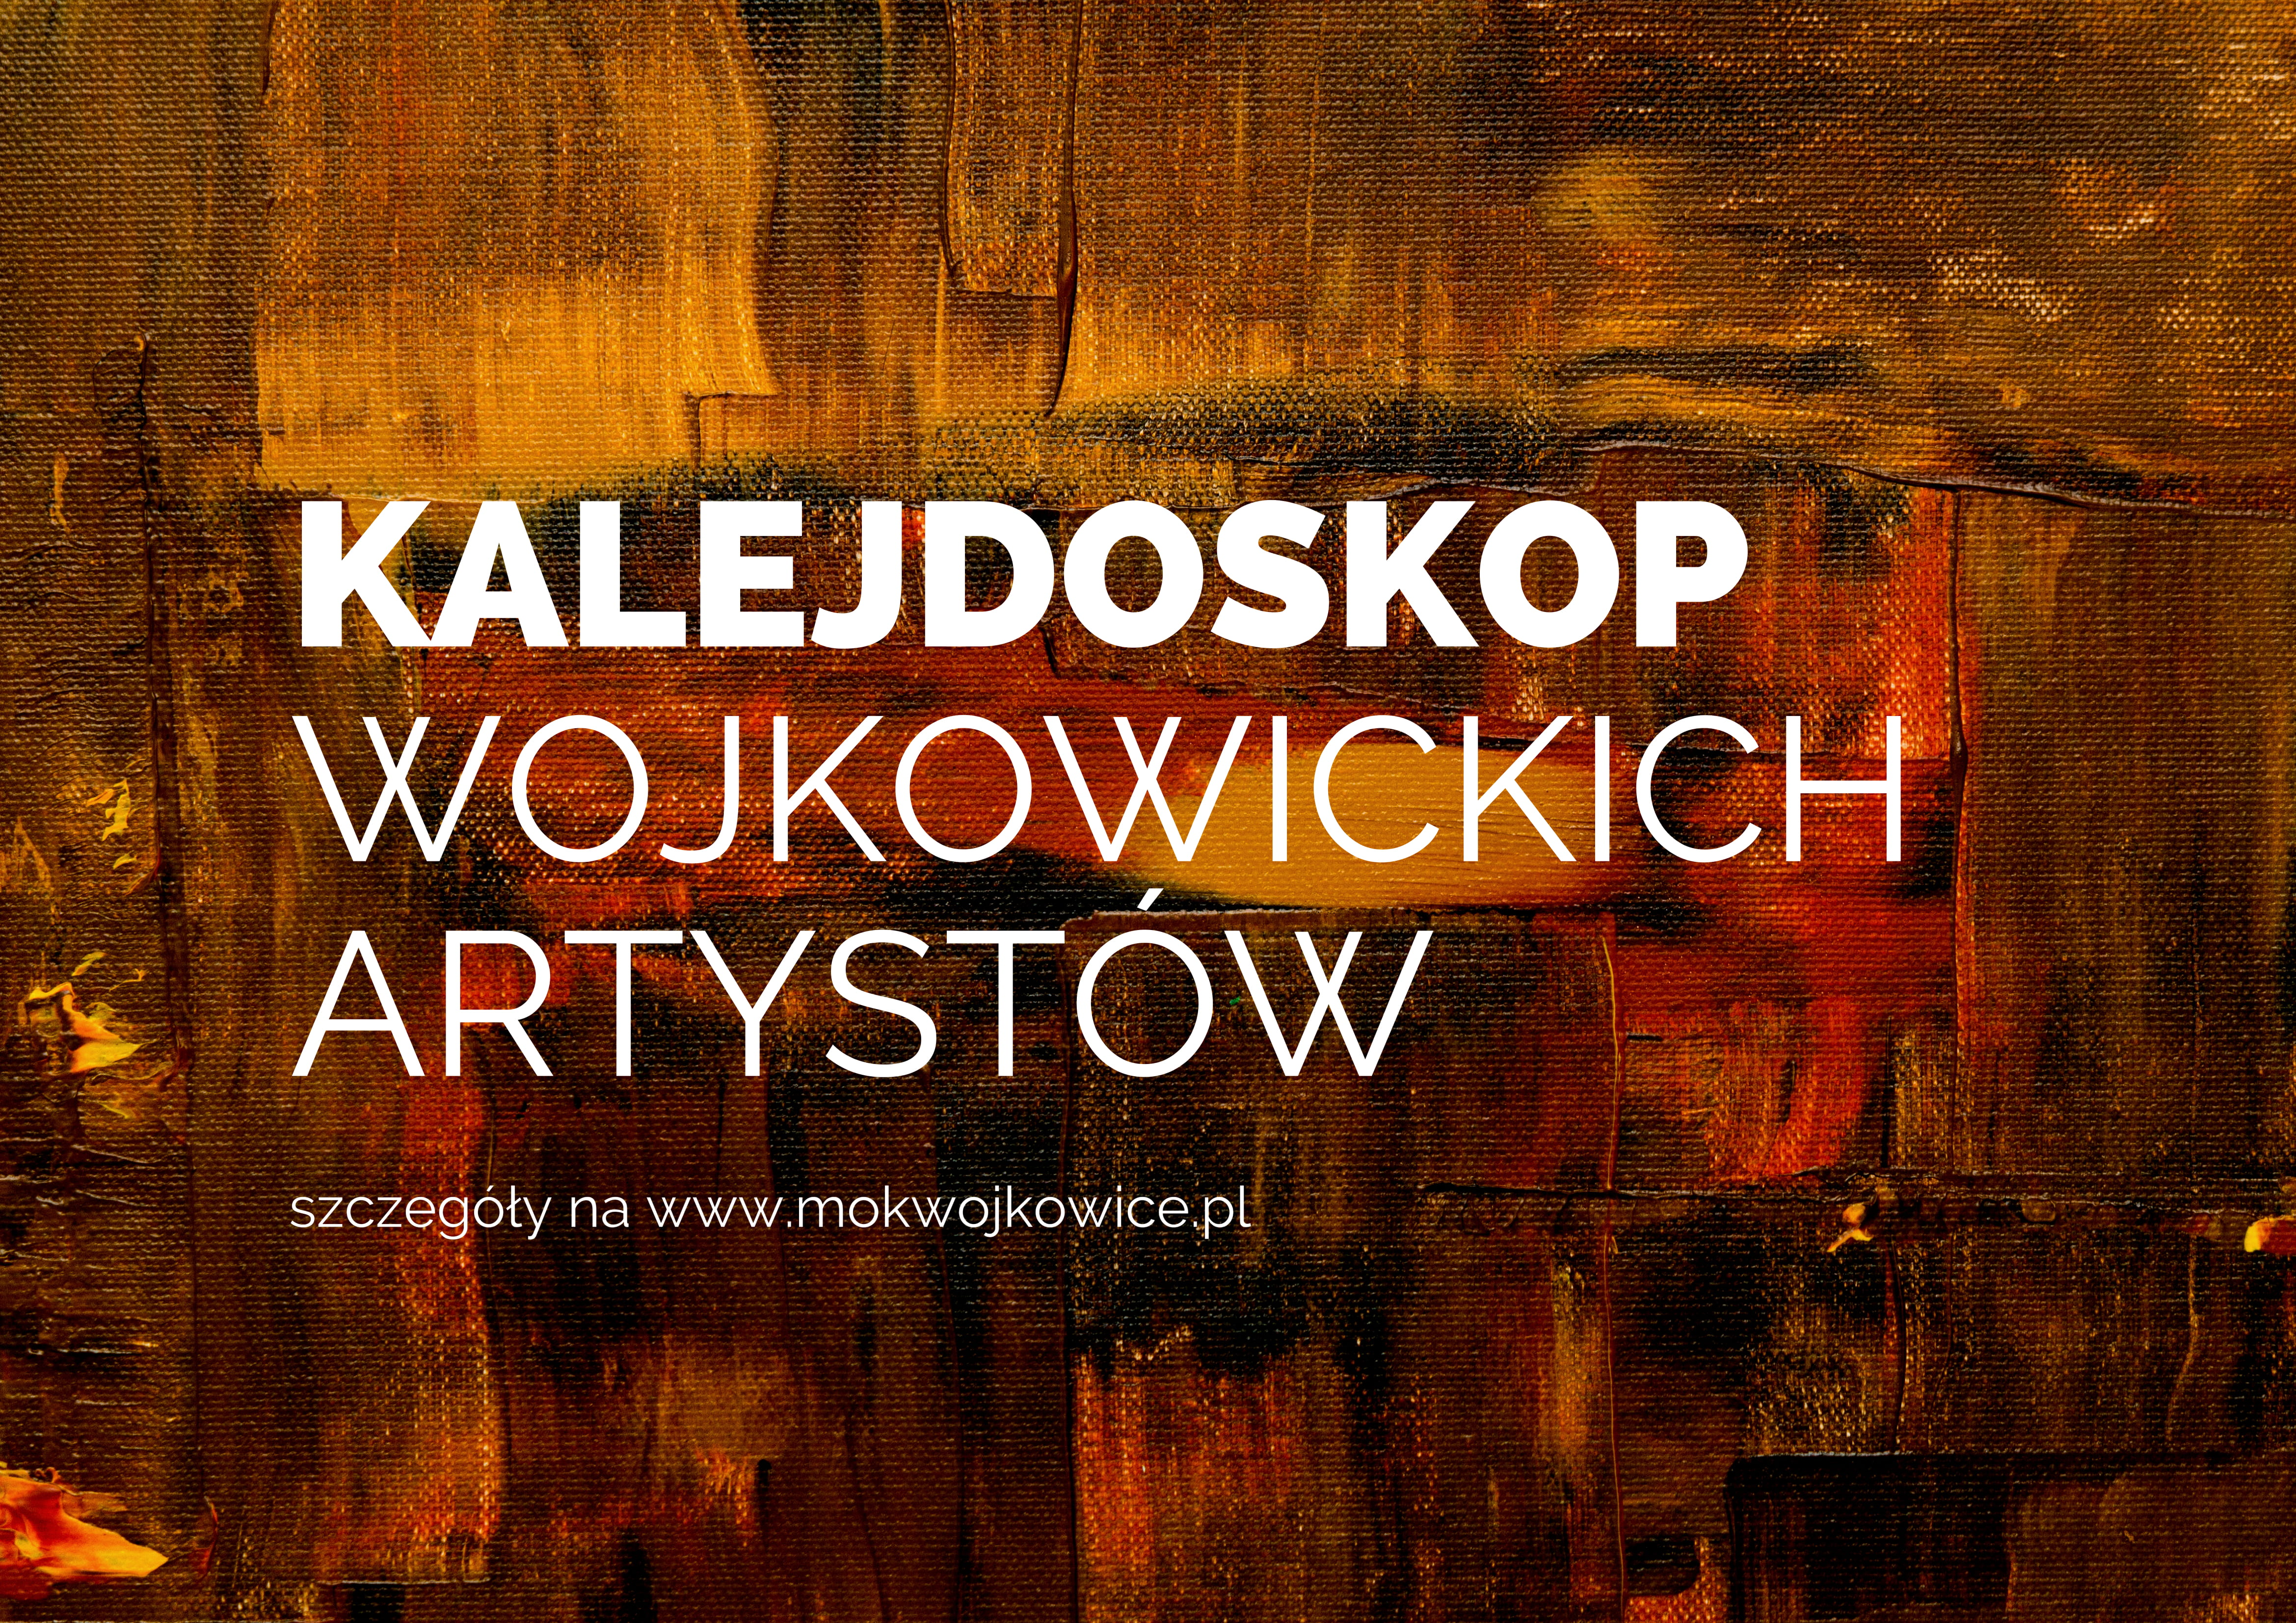 slider do wydarzenia kalejdoskop wojkowickich artystów